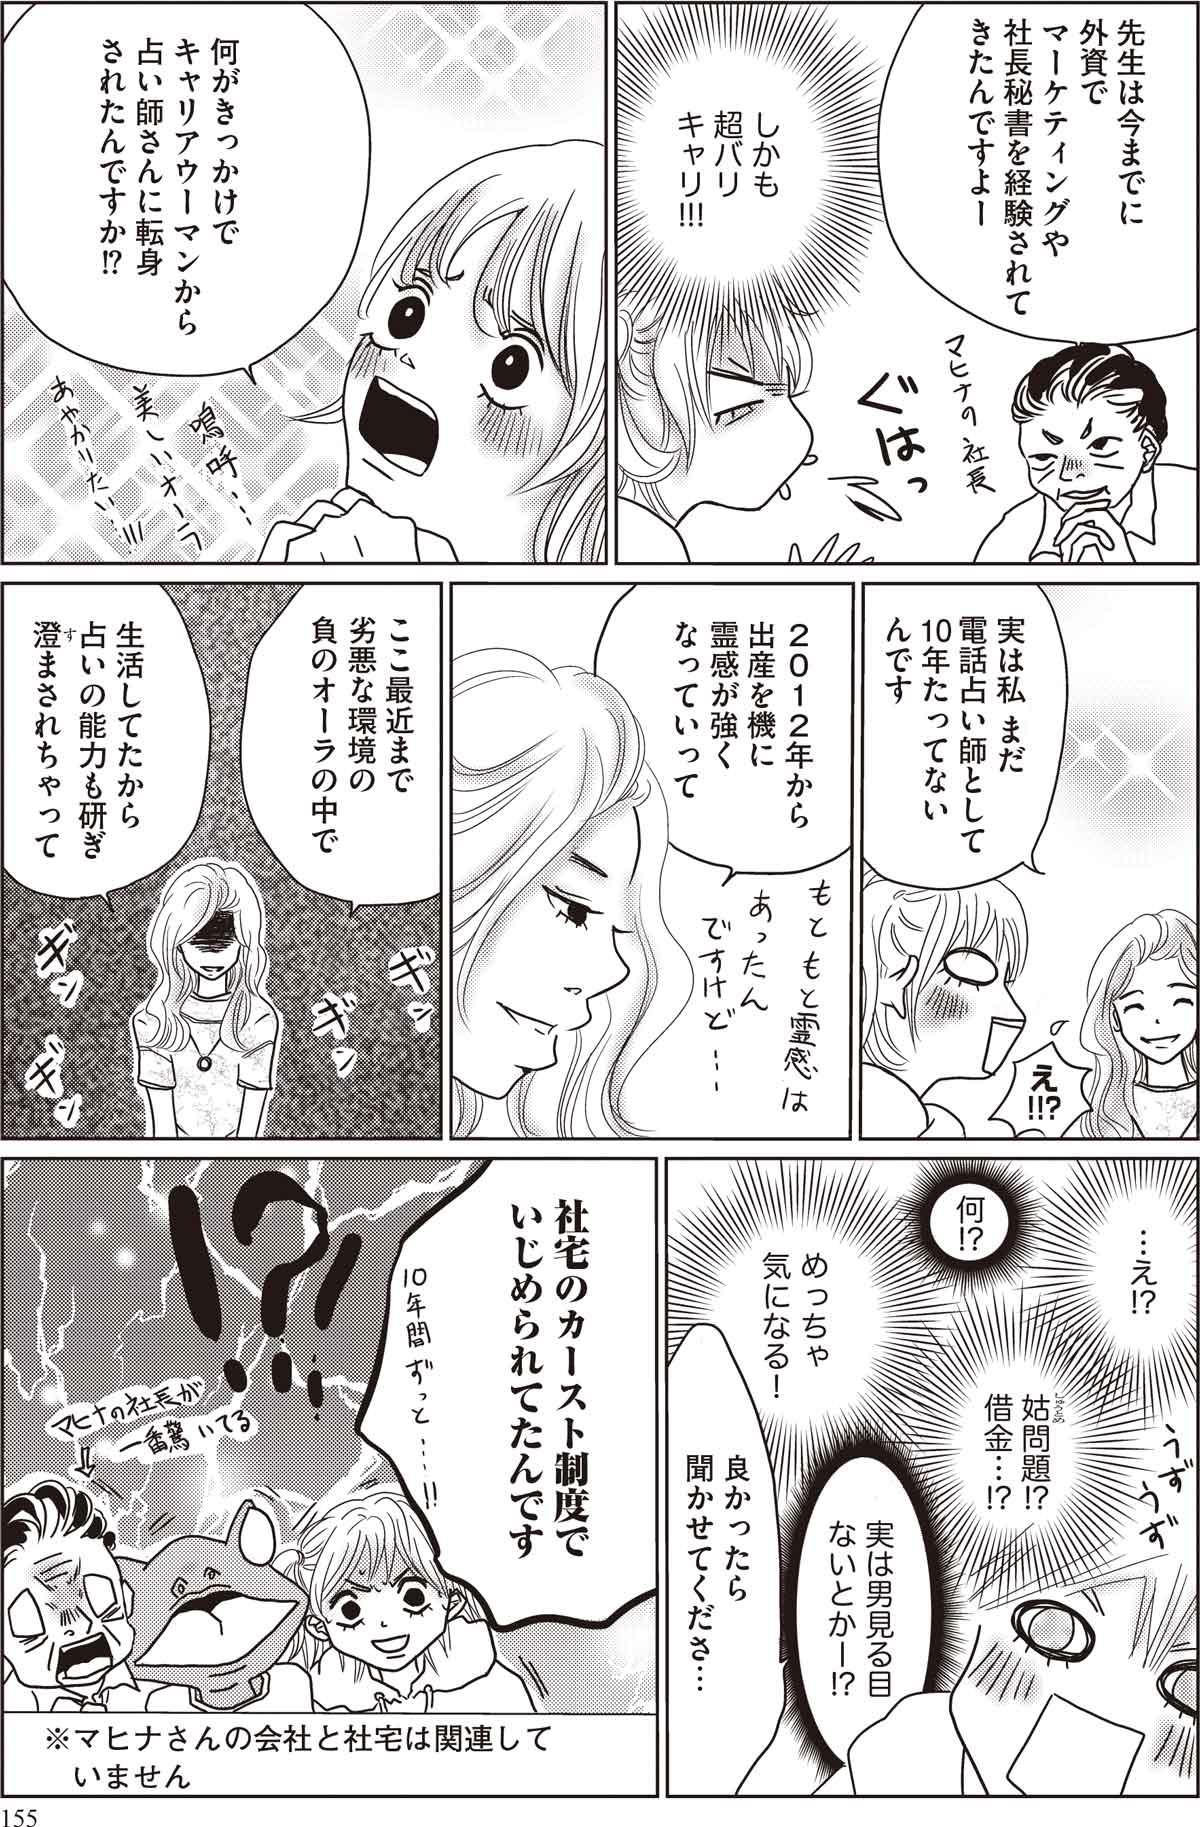 ミッチェル先生漫画2